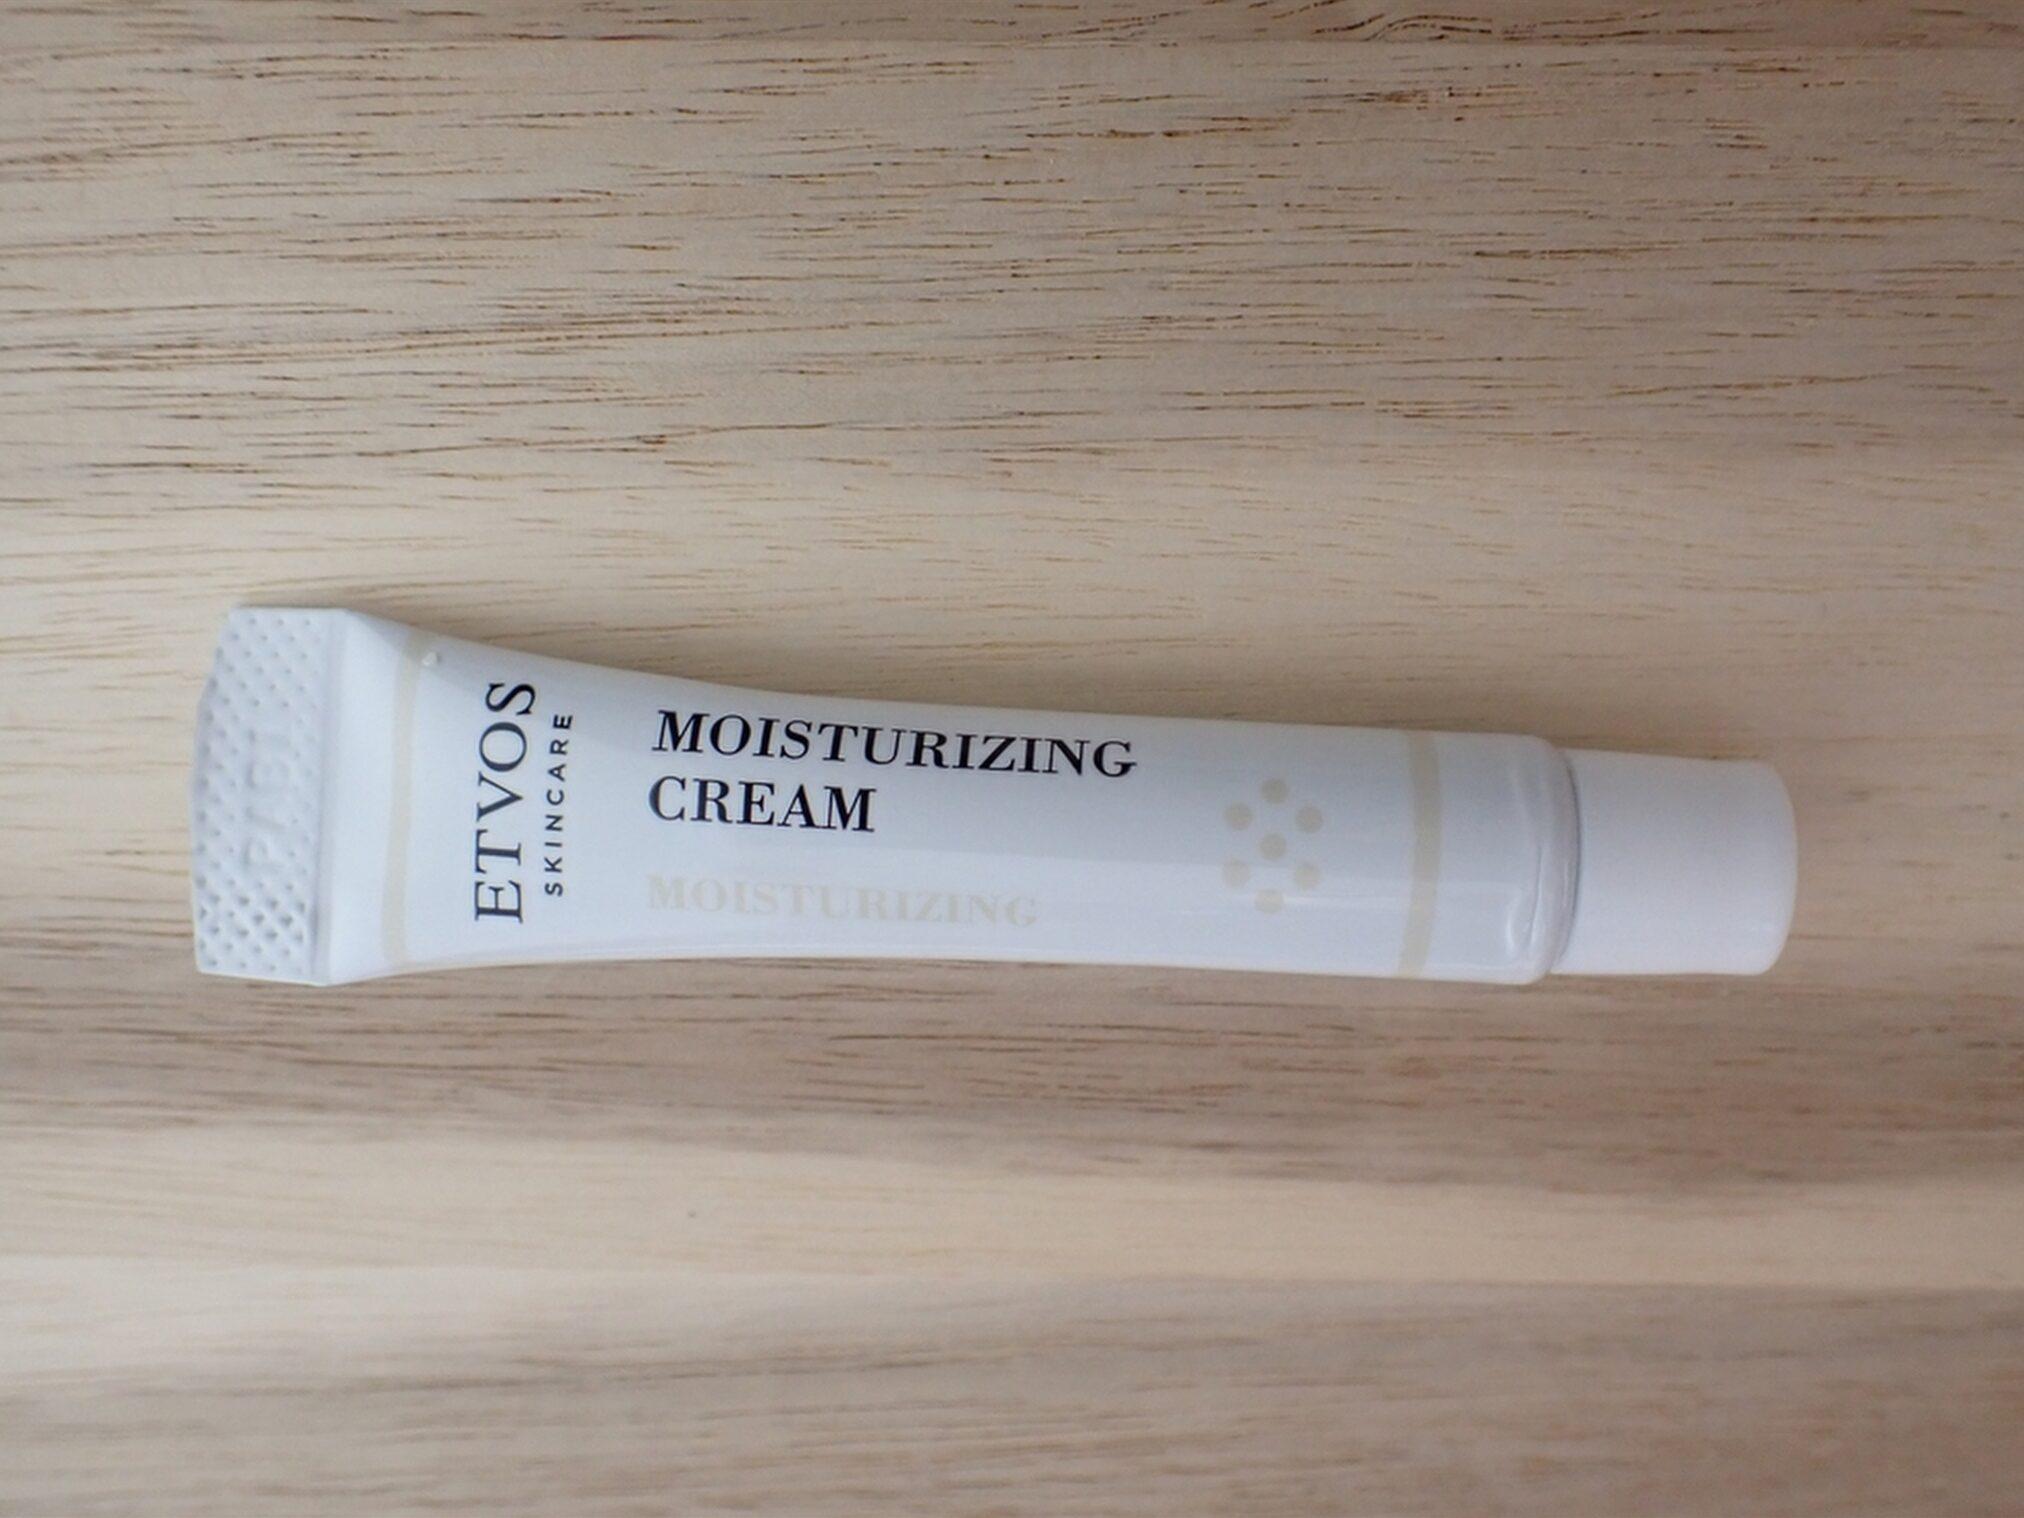 エトヴォス アルティモイスト トライアルキット ETVOS 保湿クリーム モイスチャライジングクリーム 5g